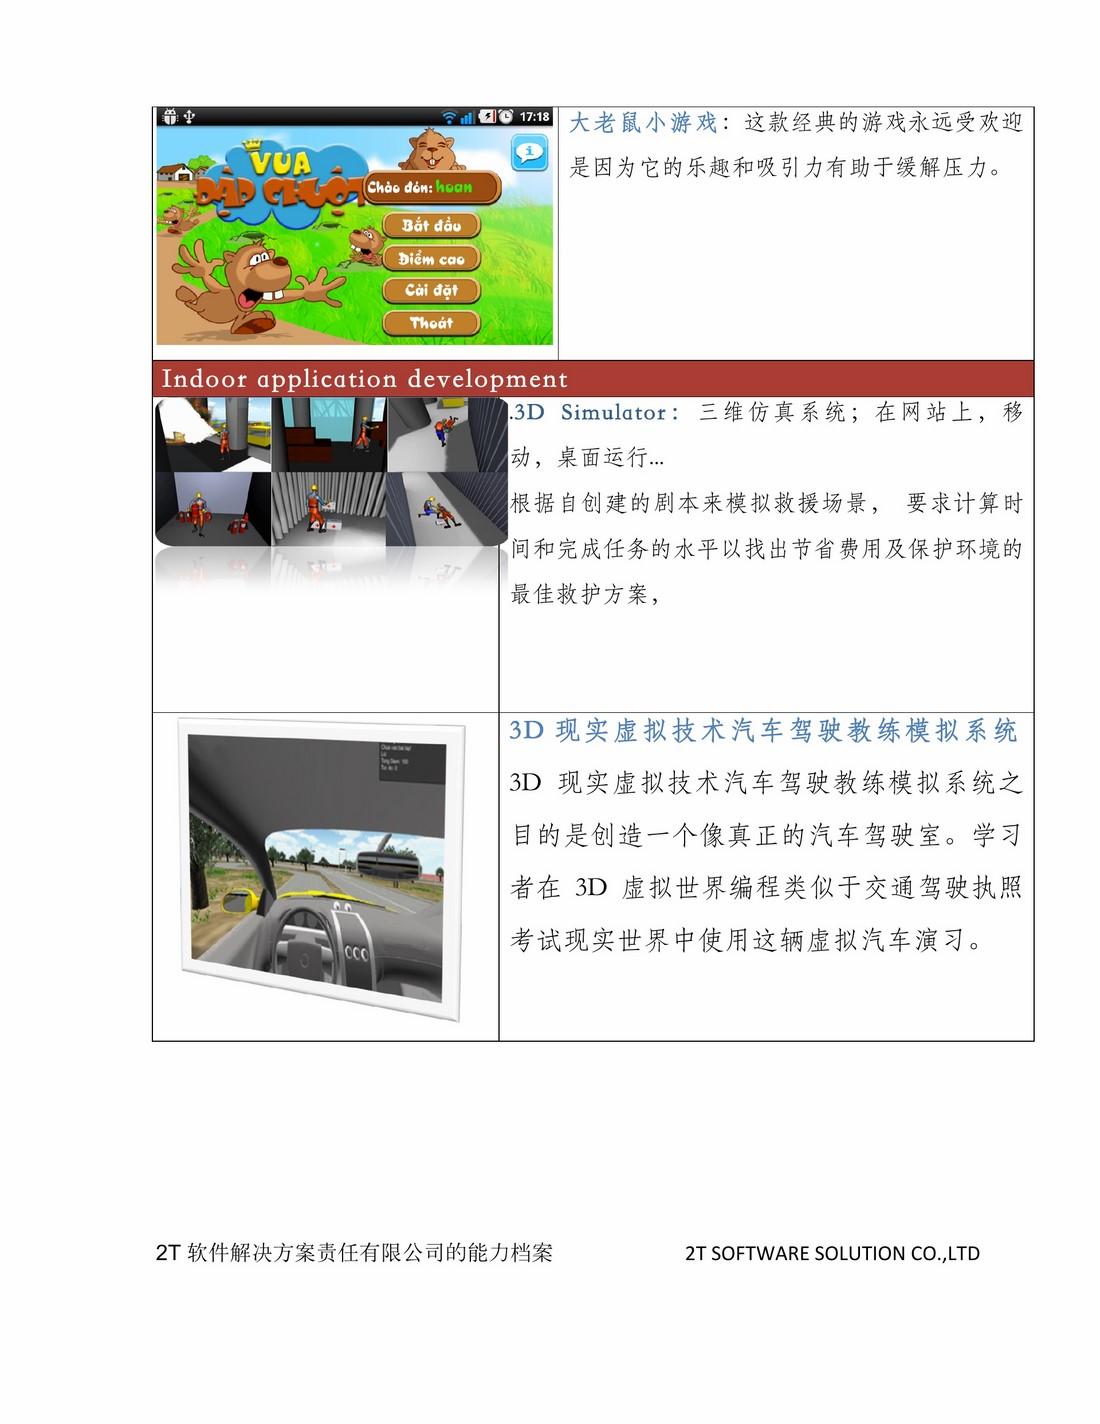 PDFtoJPG.me-18 (Copy)